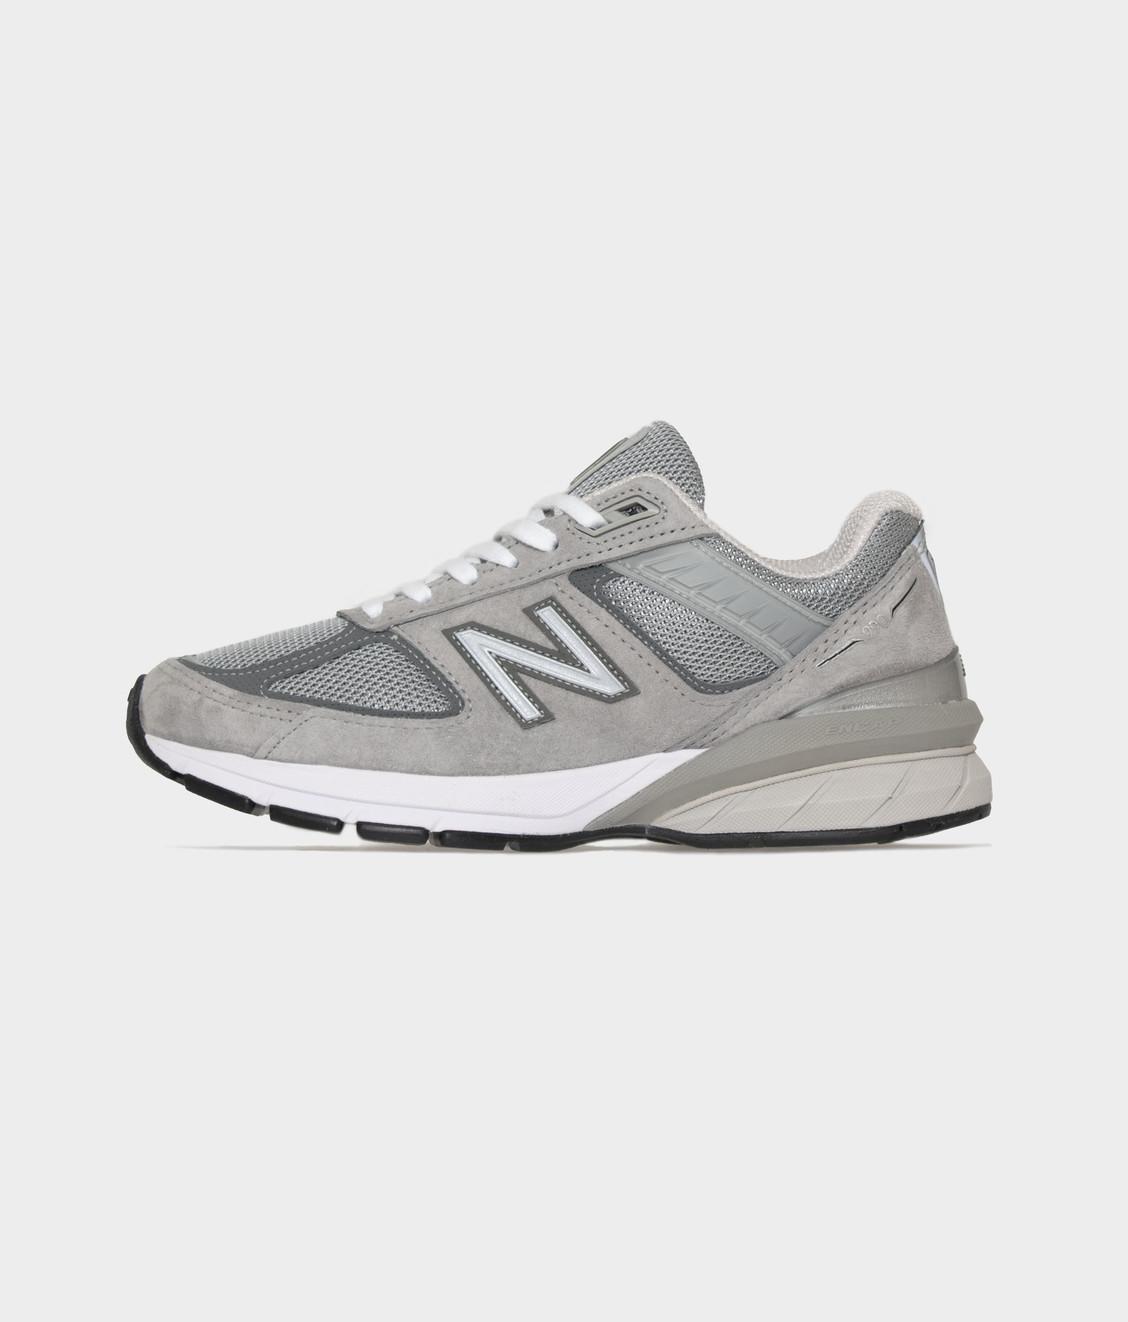 New Balance W990 V5 Grey